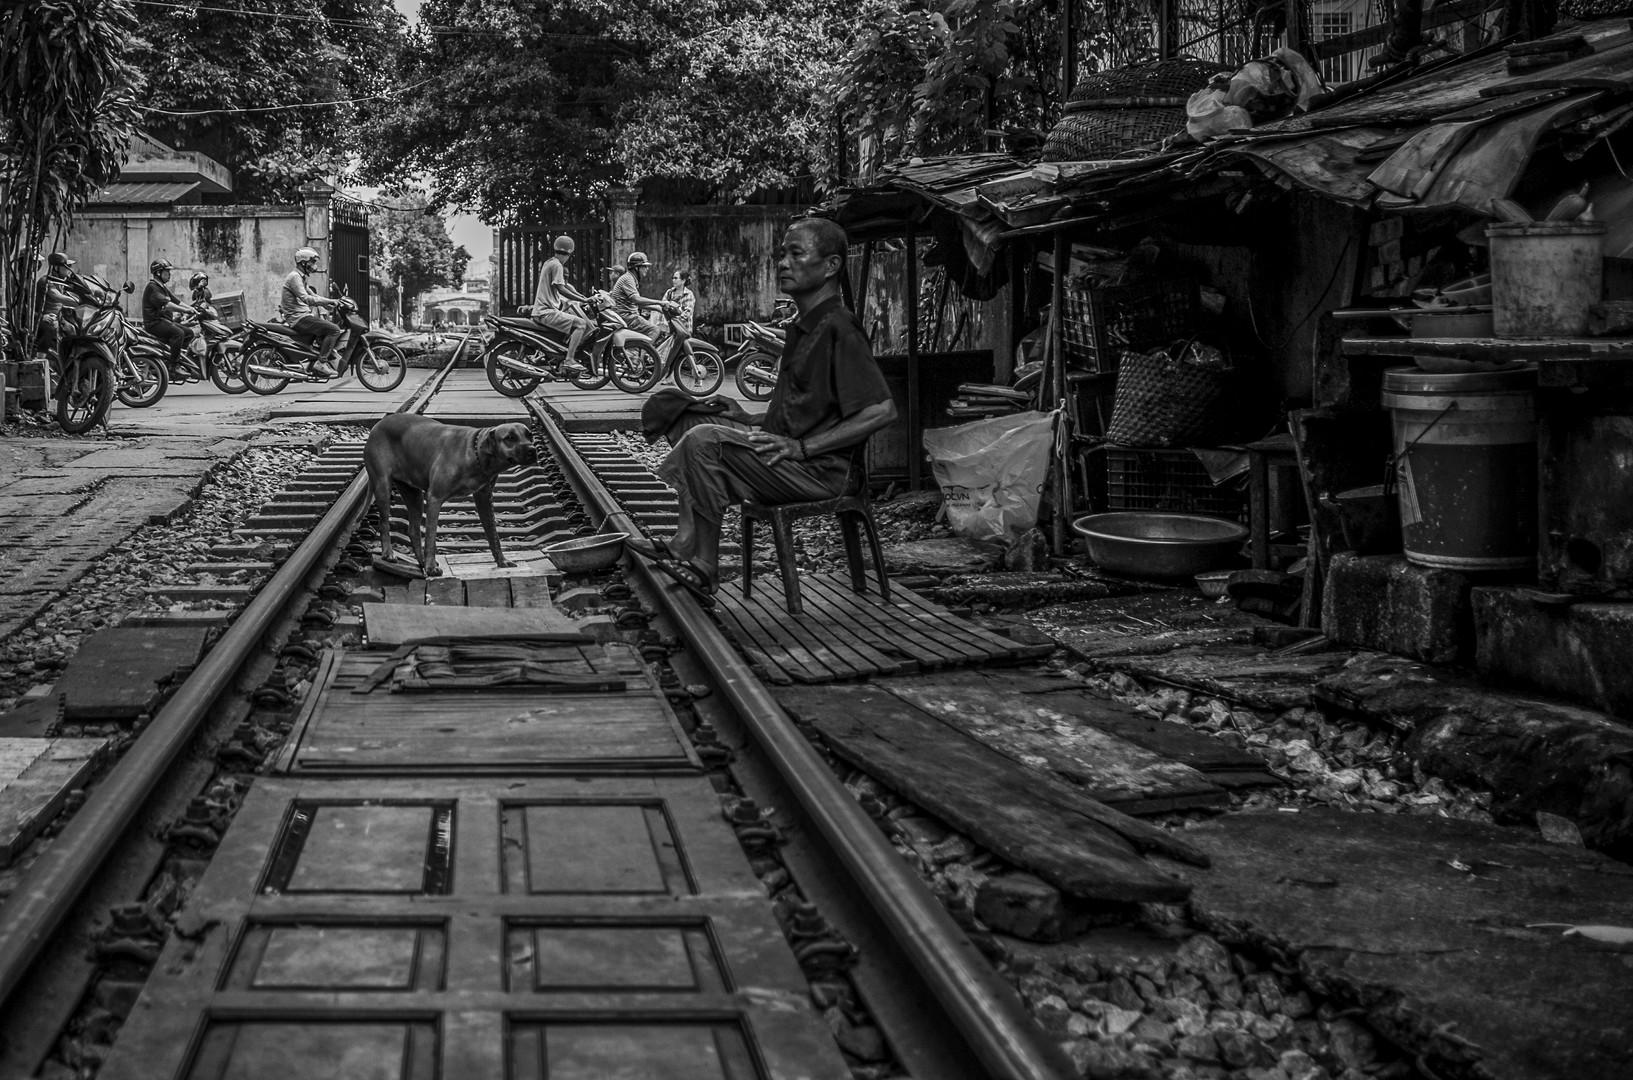 ulica vozova